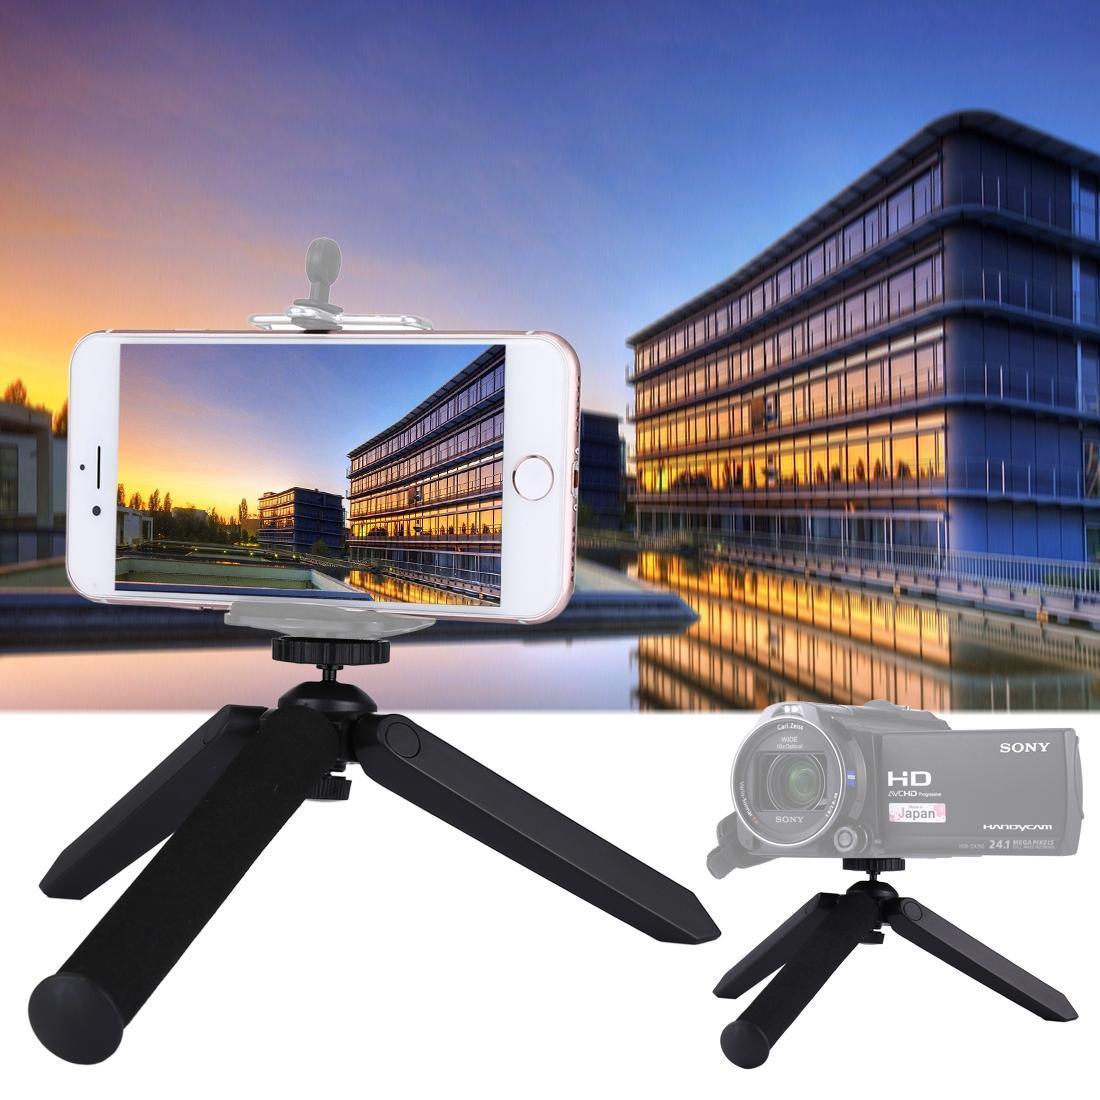 2 в 1 Ручной штатив Автопортрет монопод Selfie Stick для смартфонов, цифровых камер, спортивных камер GoPro